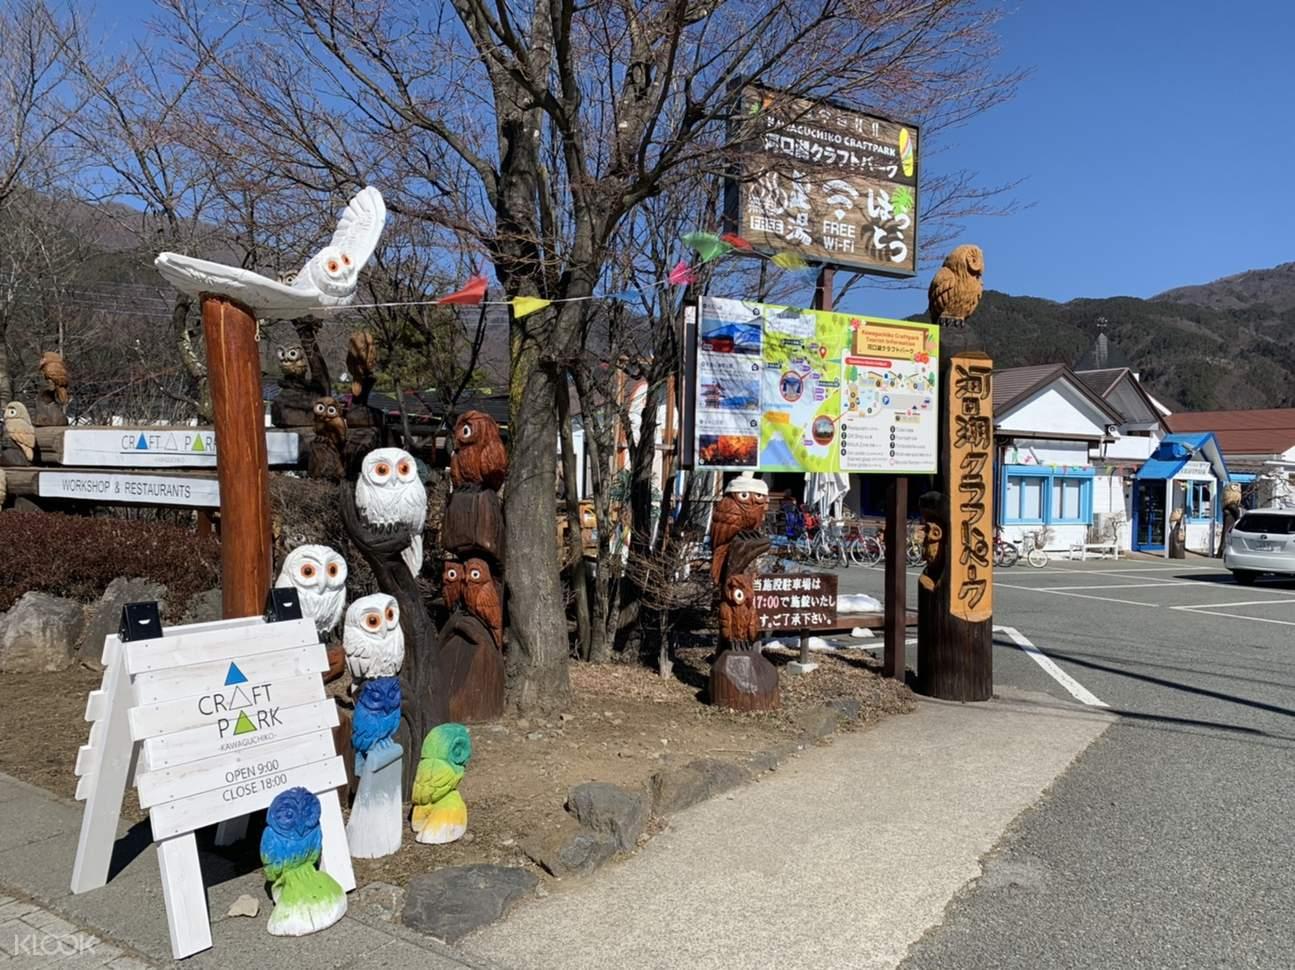 mountain craft park sign